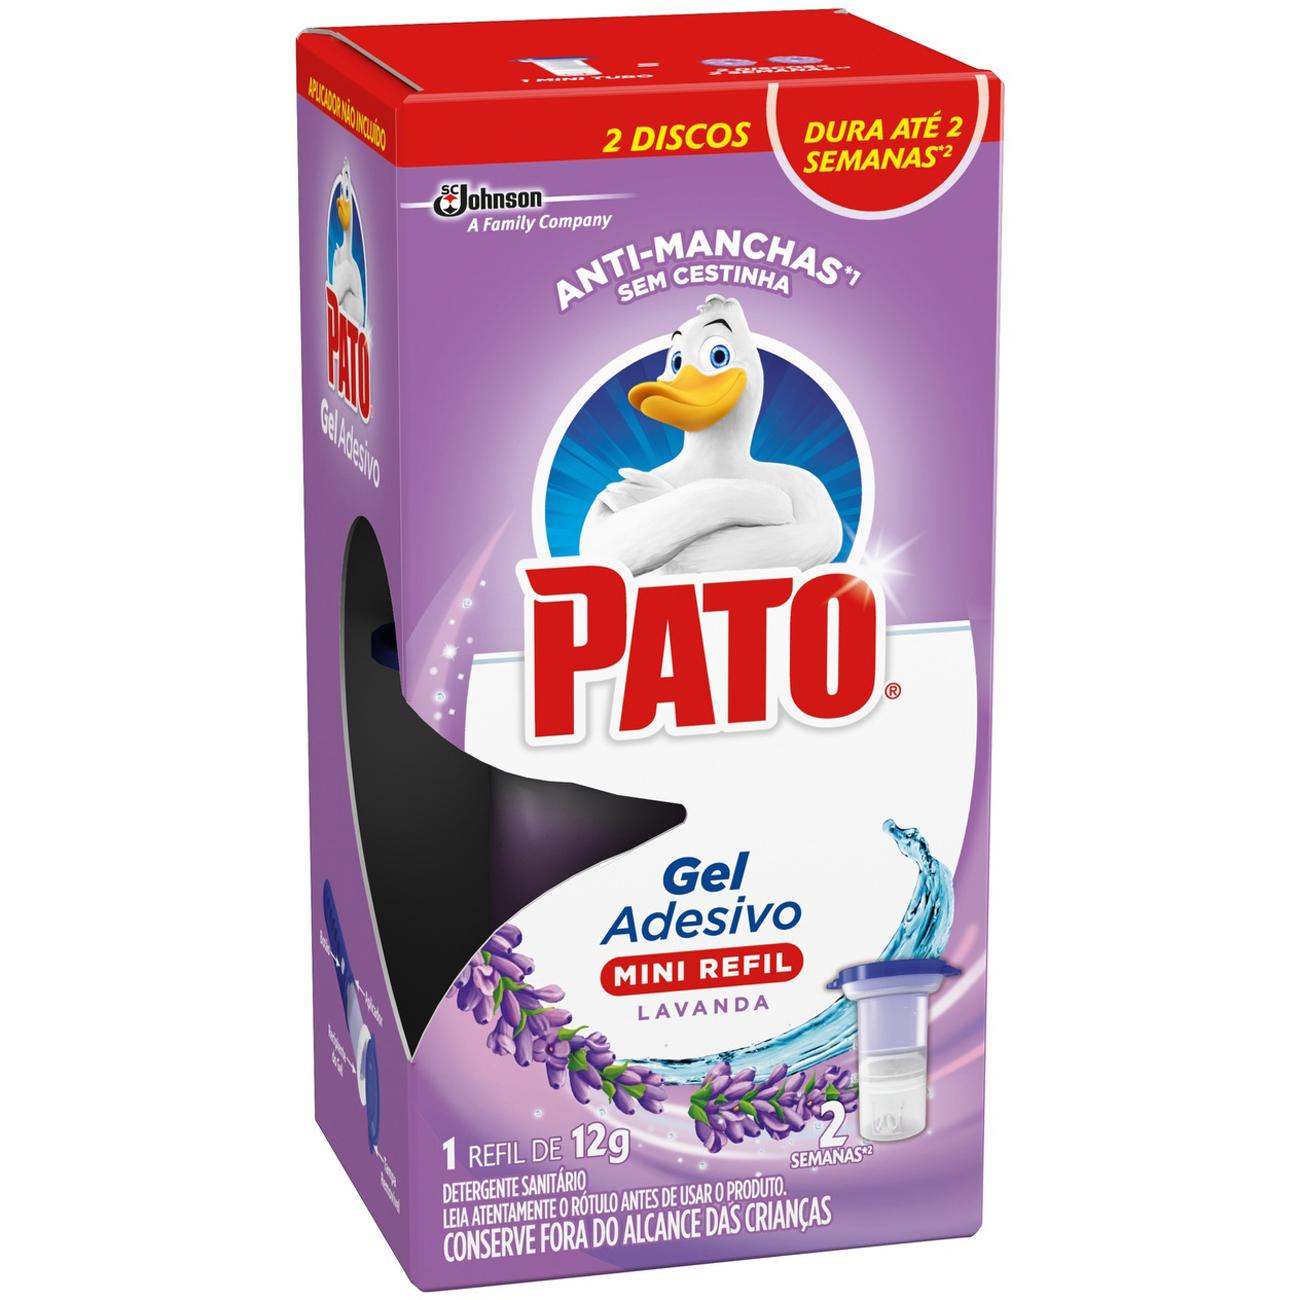 Desodorizador Pato Refil 2 Discos Adesivo Lavanda